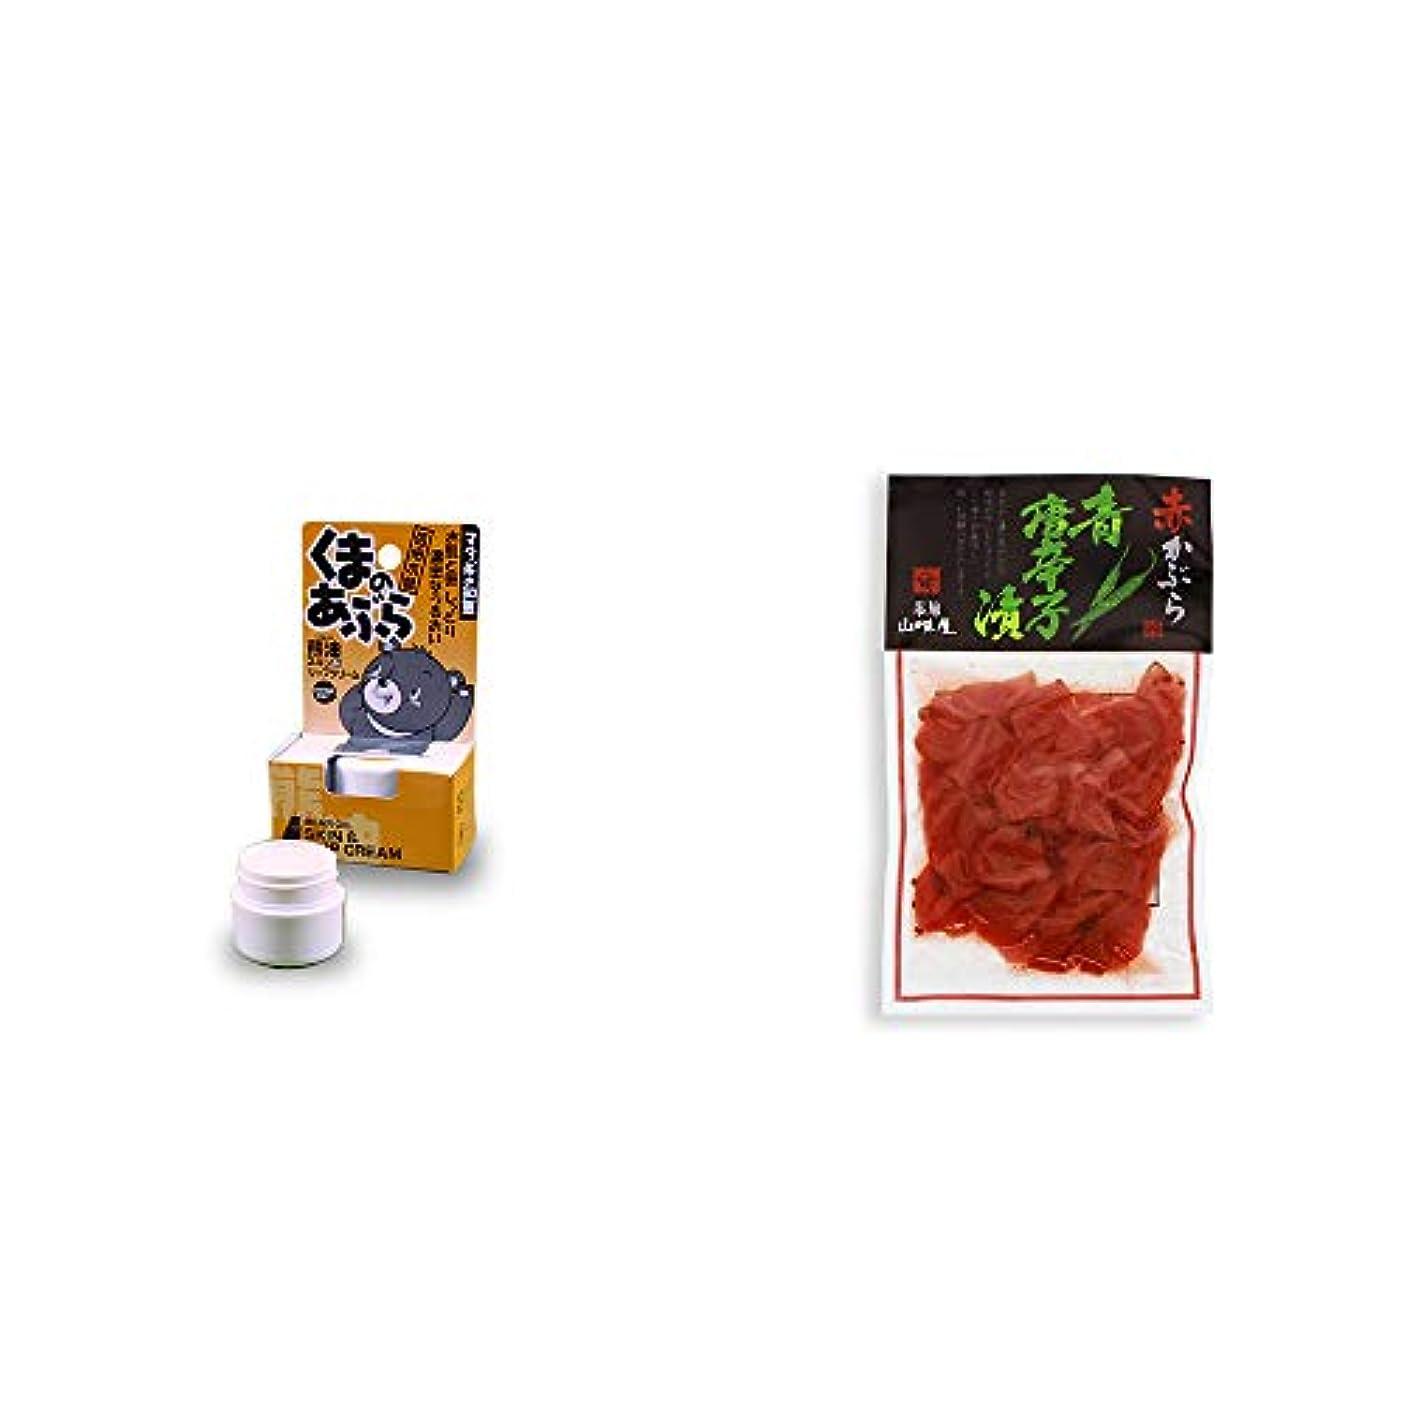 アトラス黒くするランタン[2点セット] 信州木曽 くまのあぶら 熊油スキン&リップクリーム(9g)?飛騨山味屋 赤かぶら 青唐辛子漬(140g)